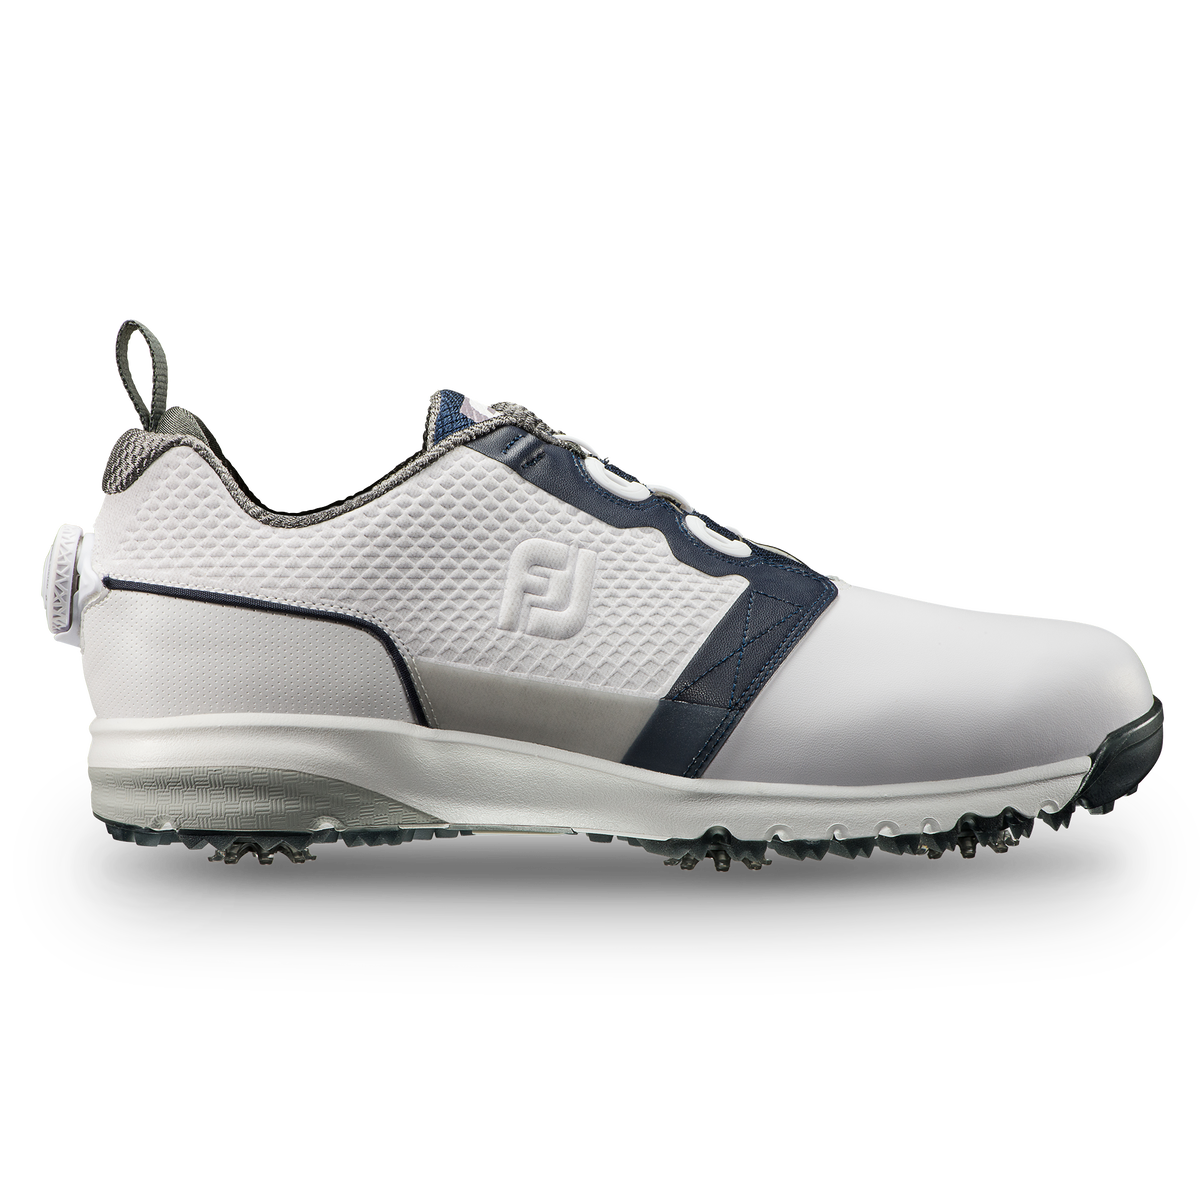 c1783f264dd44 FootJoy Contour FIT BOA Men s Golf Shoe - White Navy